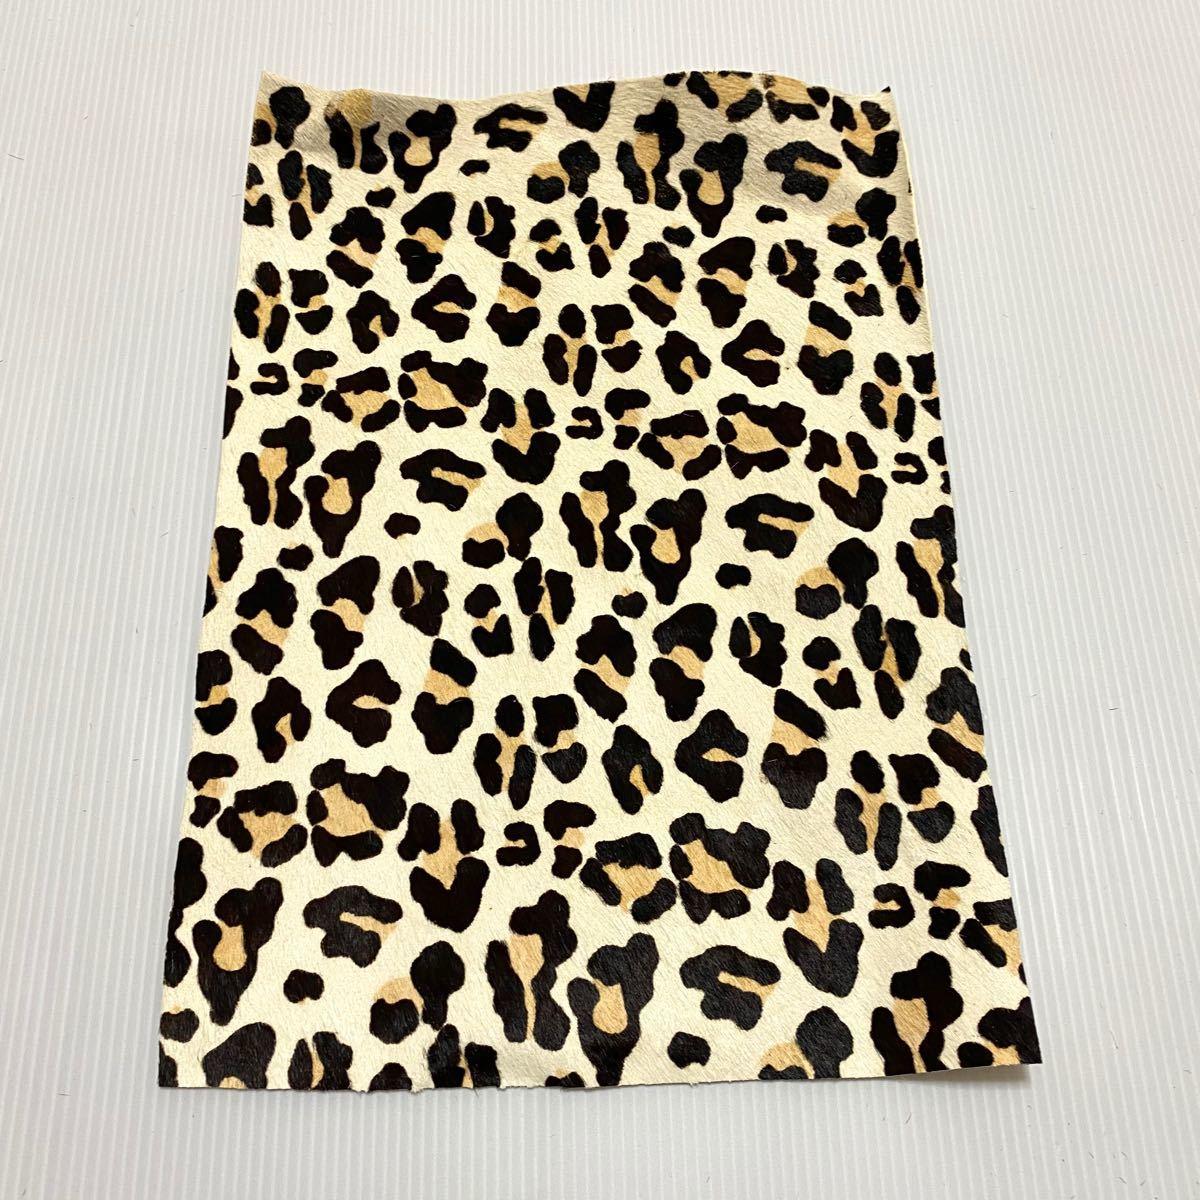 レザークラフト 革ハギレ ホワイト豹柄ハラコレザー